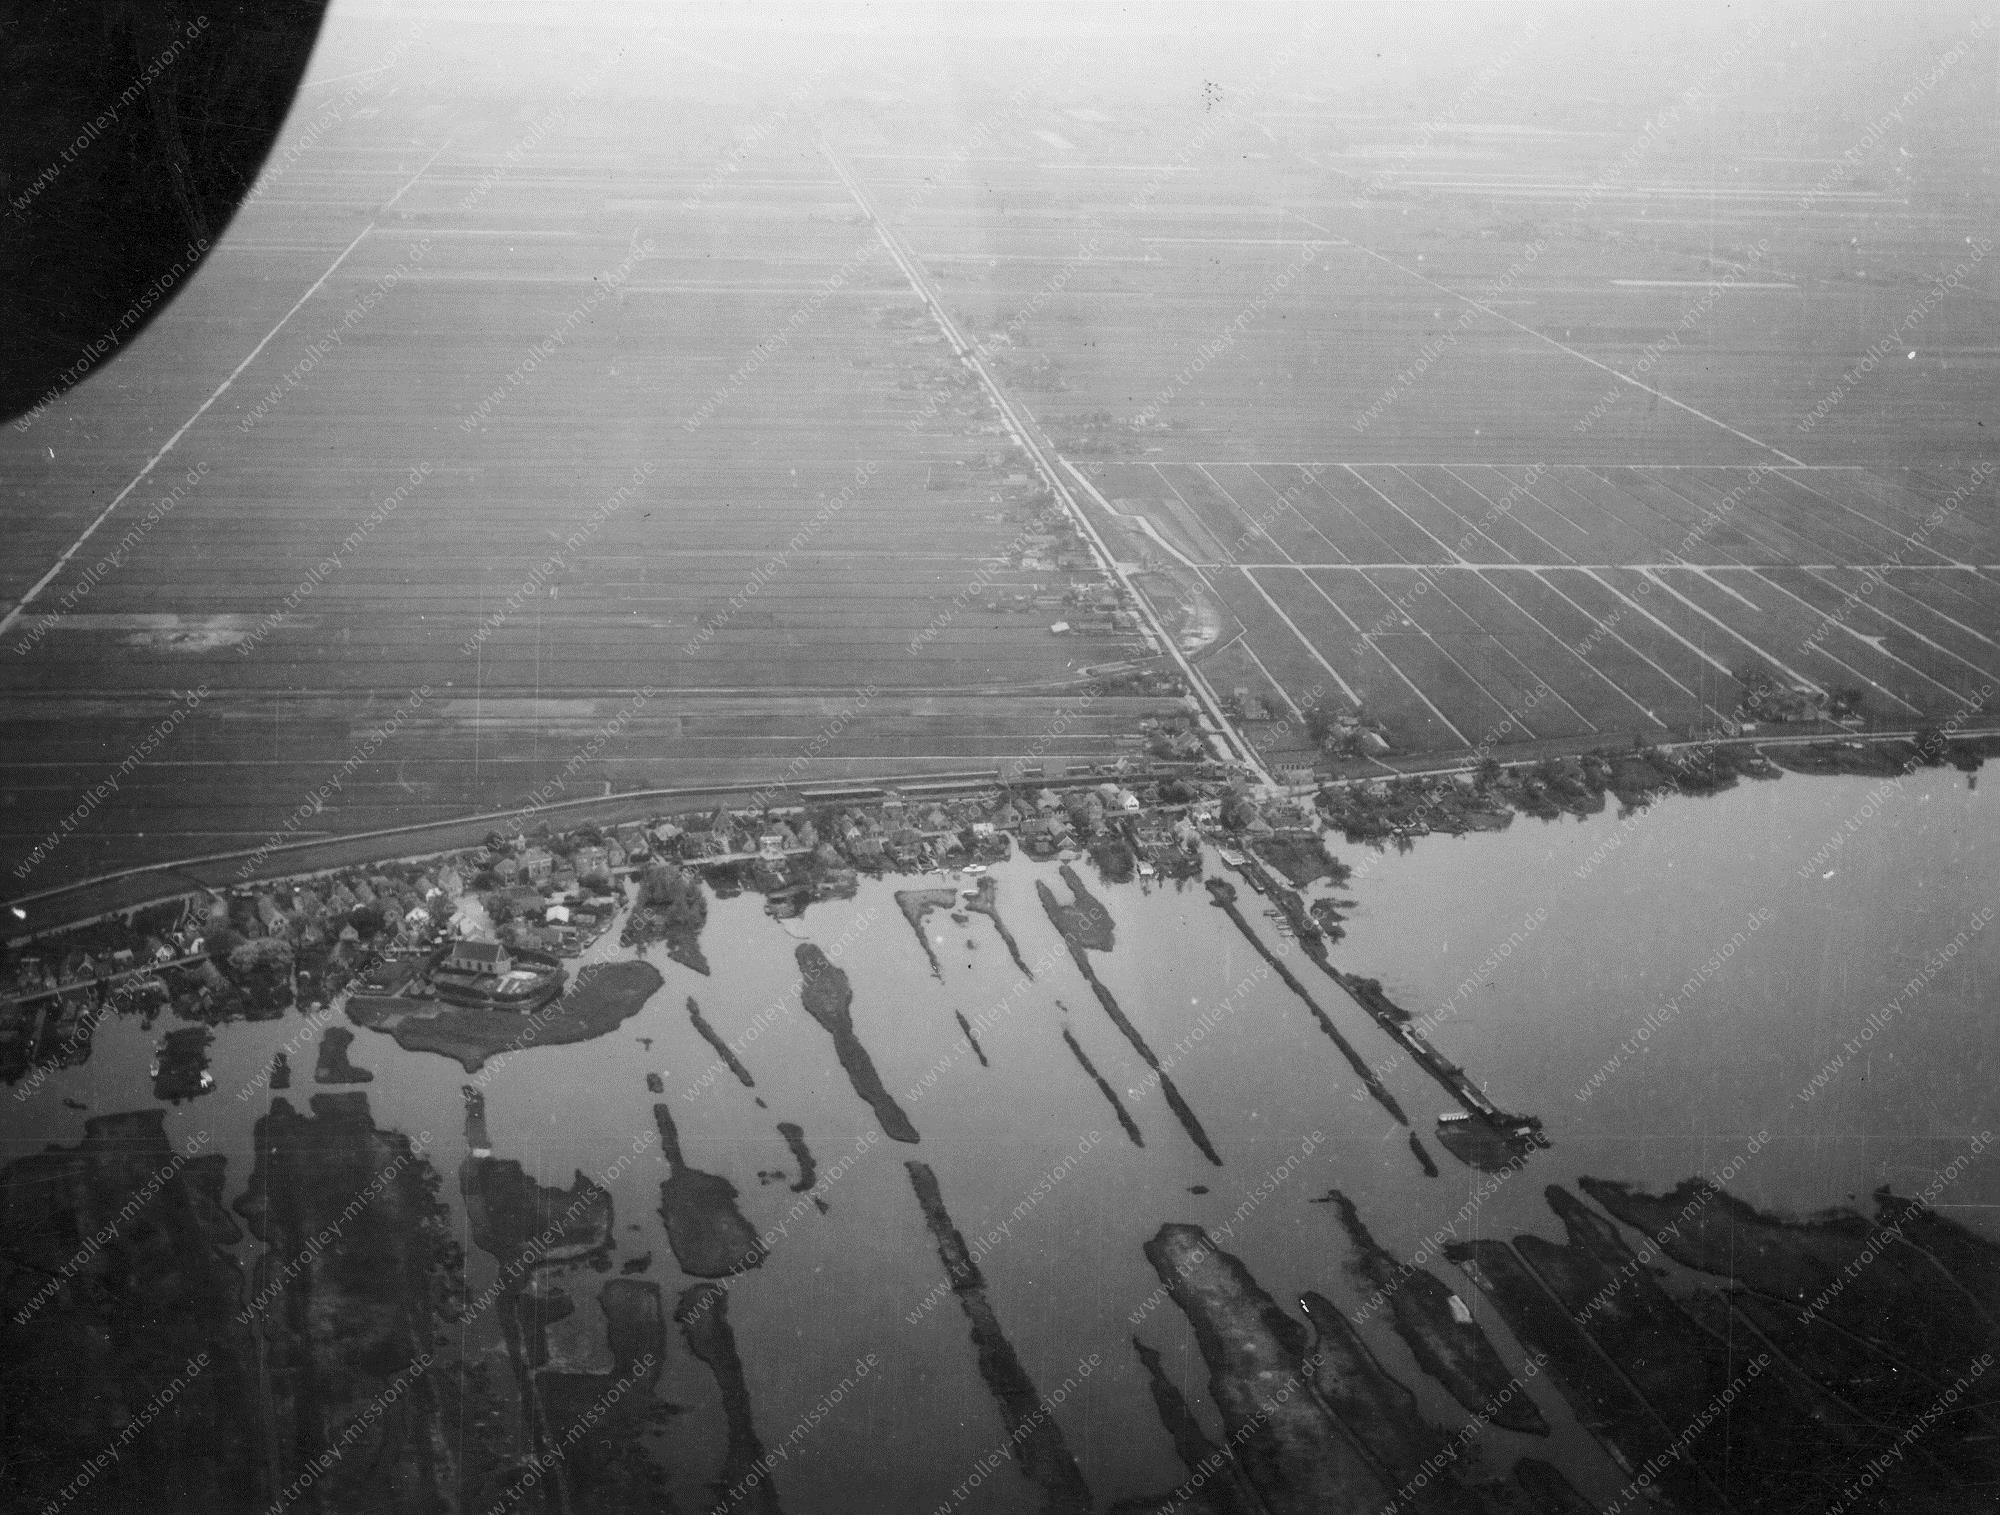 Luchtopname van de gemeente Nieuwkoop in de Nederlandse provincie Zuid-Holland op mei 1945